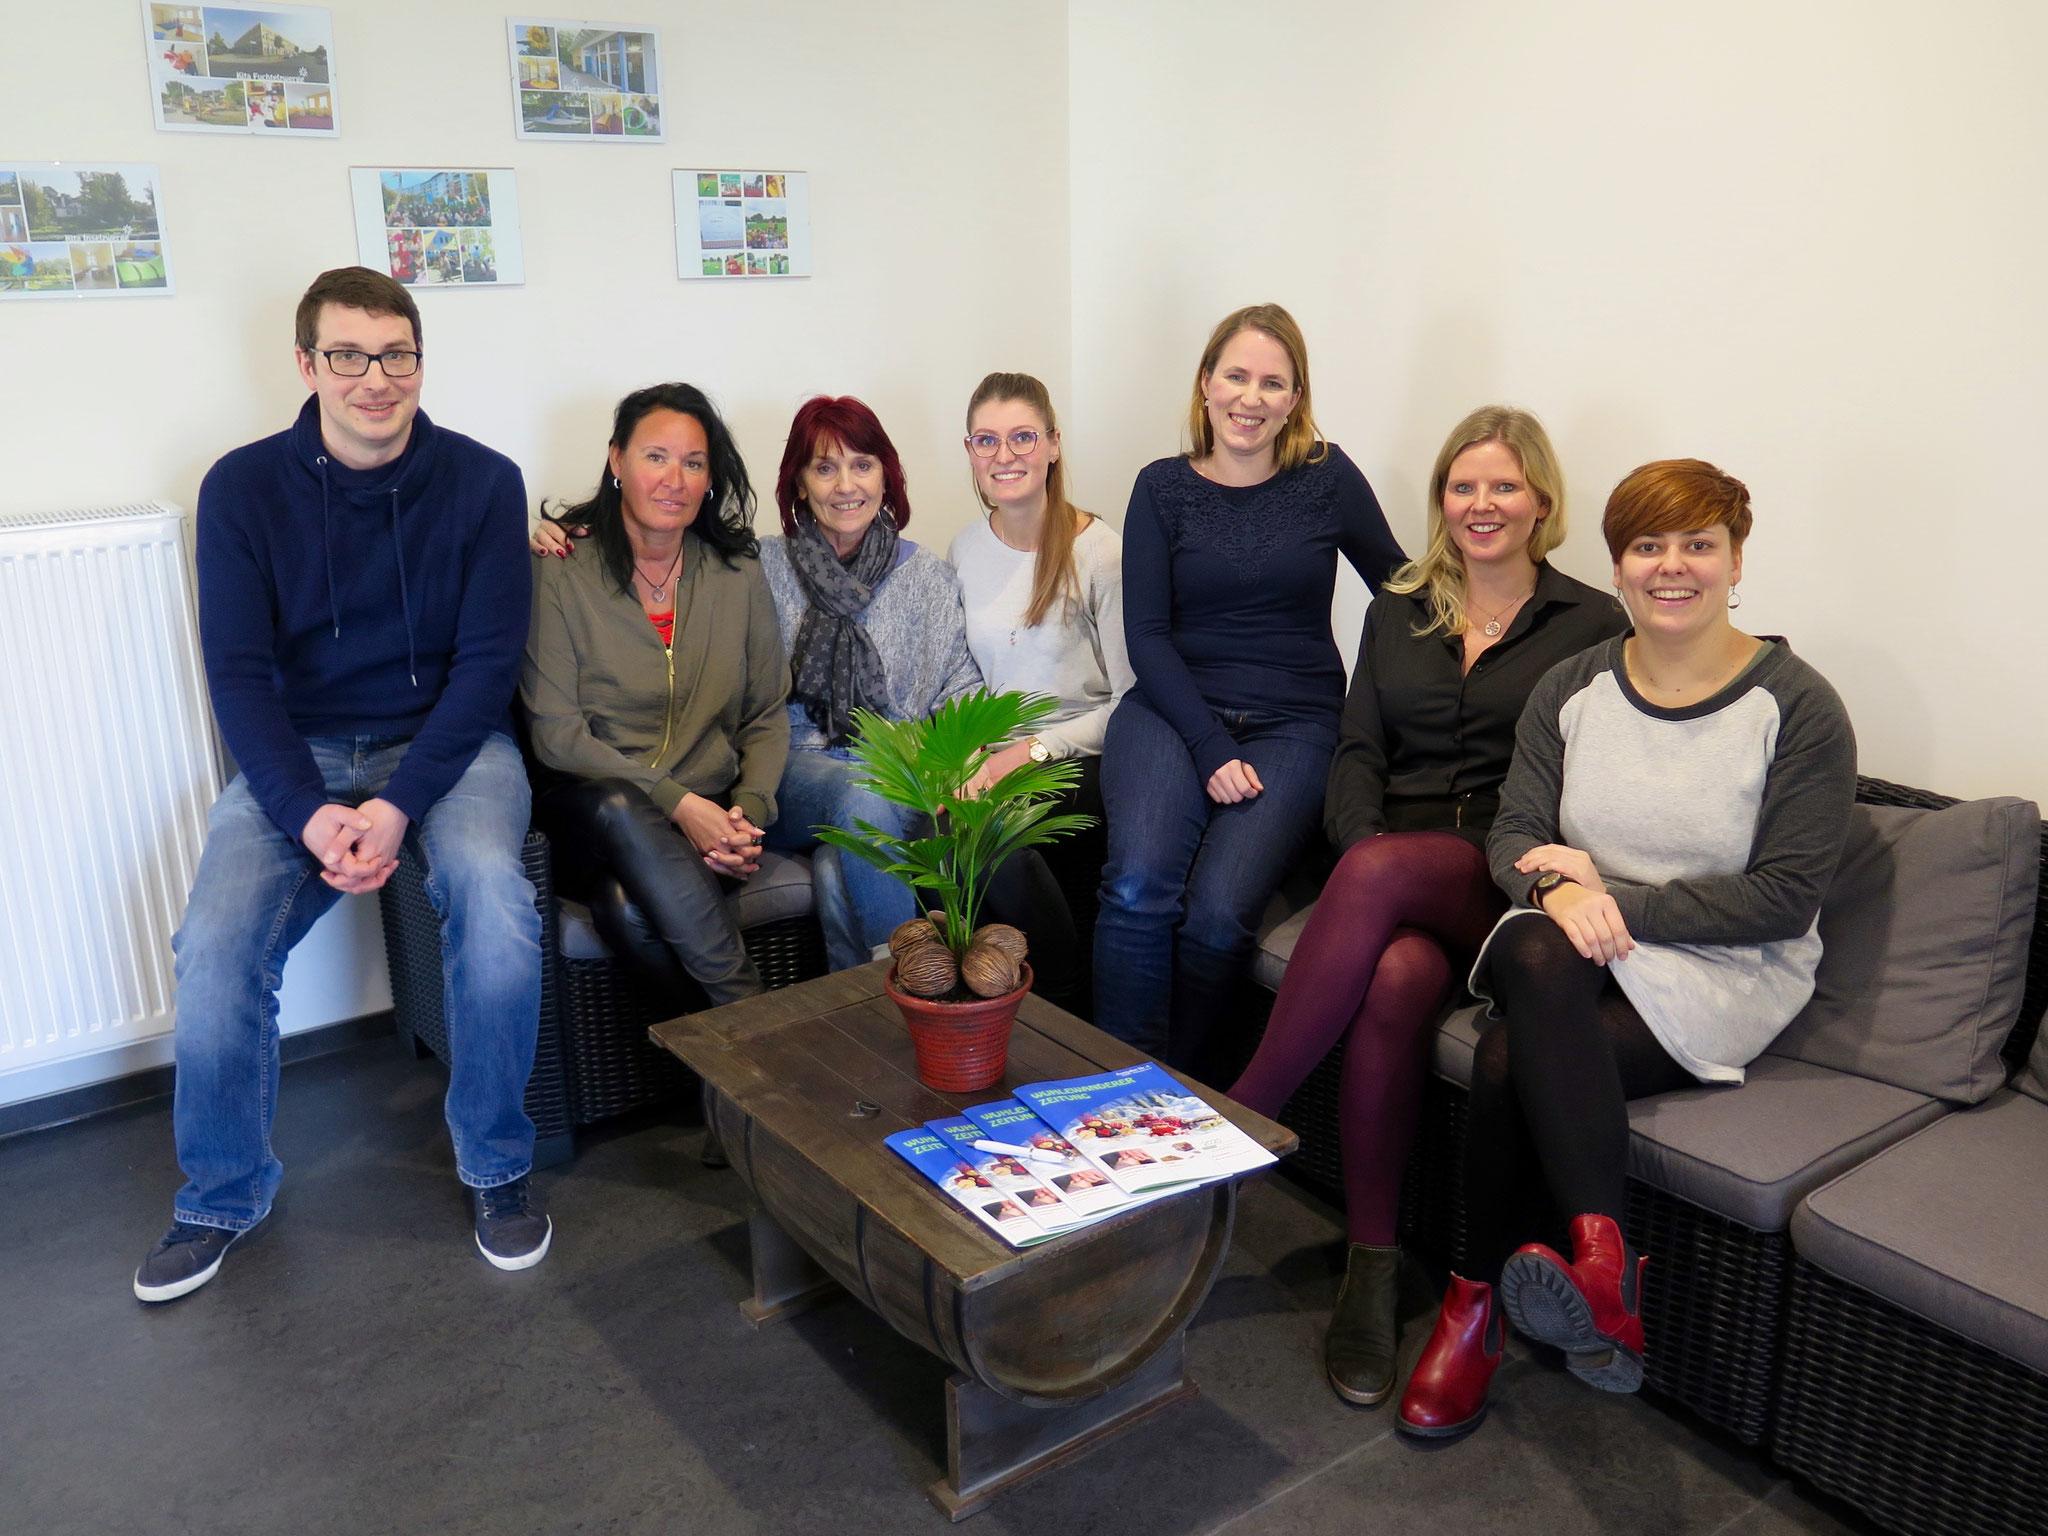 Wuhlewanderer-Geschäftsführerin Stephanie Müller (2.v.r.) und ihr Team freuen sich auf das neue Projekt. Der Träger betreibt bereits sechs Kitas. Die nächste eröffnet im Sommer in der Heesestraße.